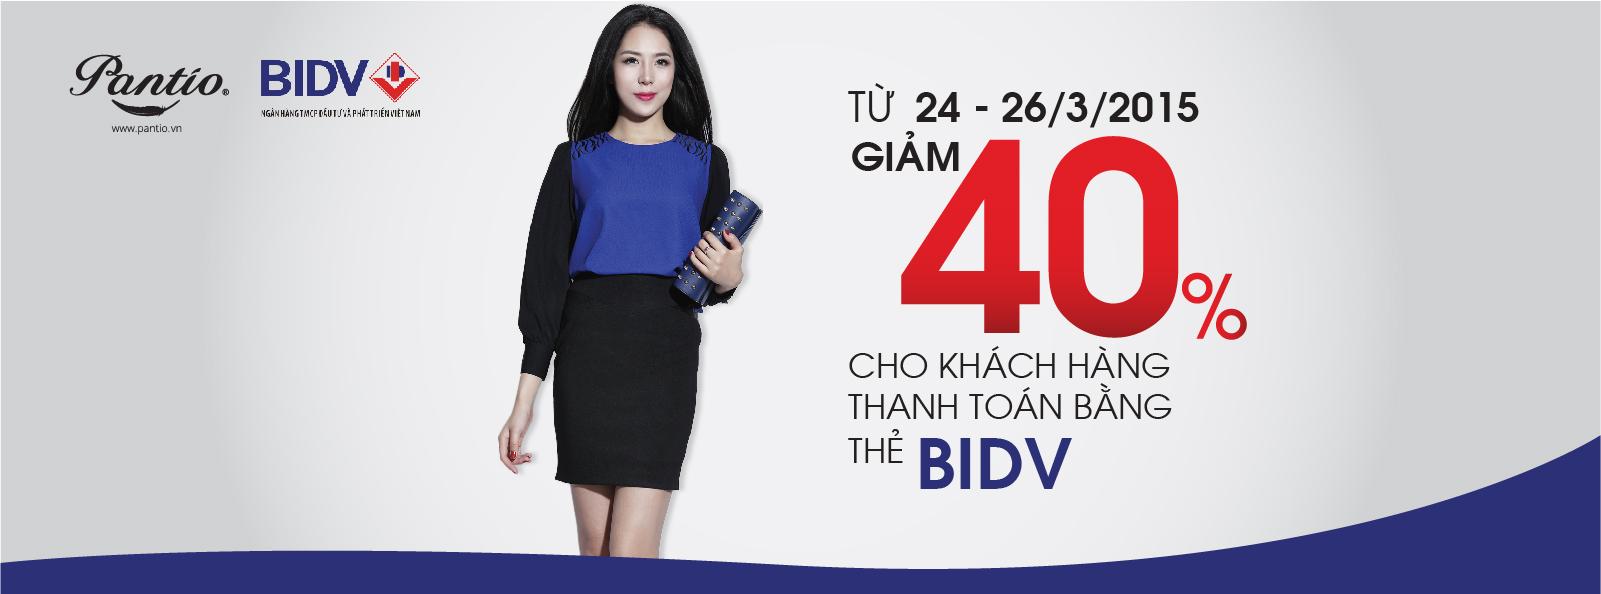 Ưu đãi 40% cho khách hàng THẺ BIDV